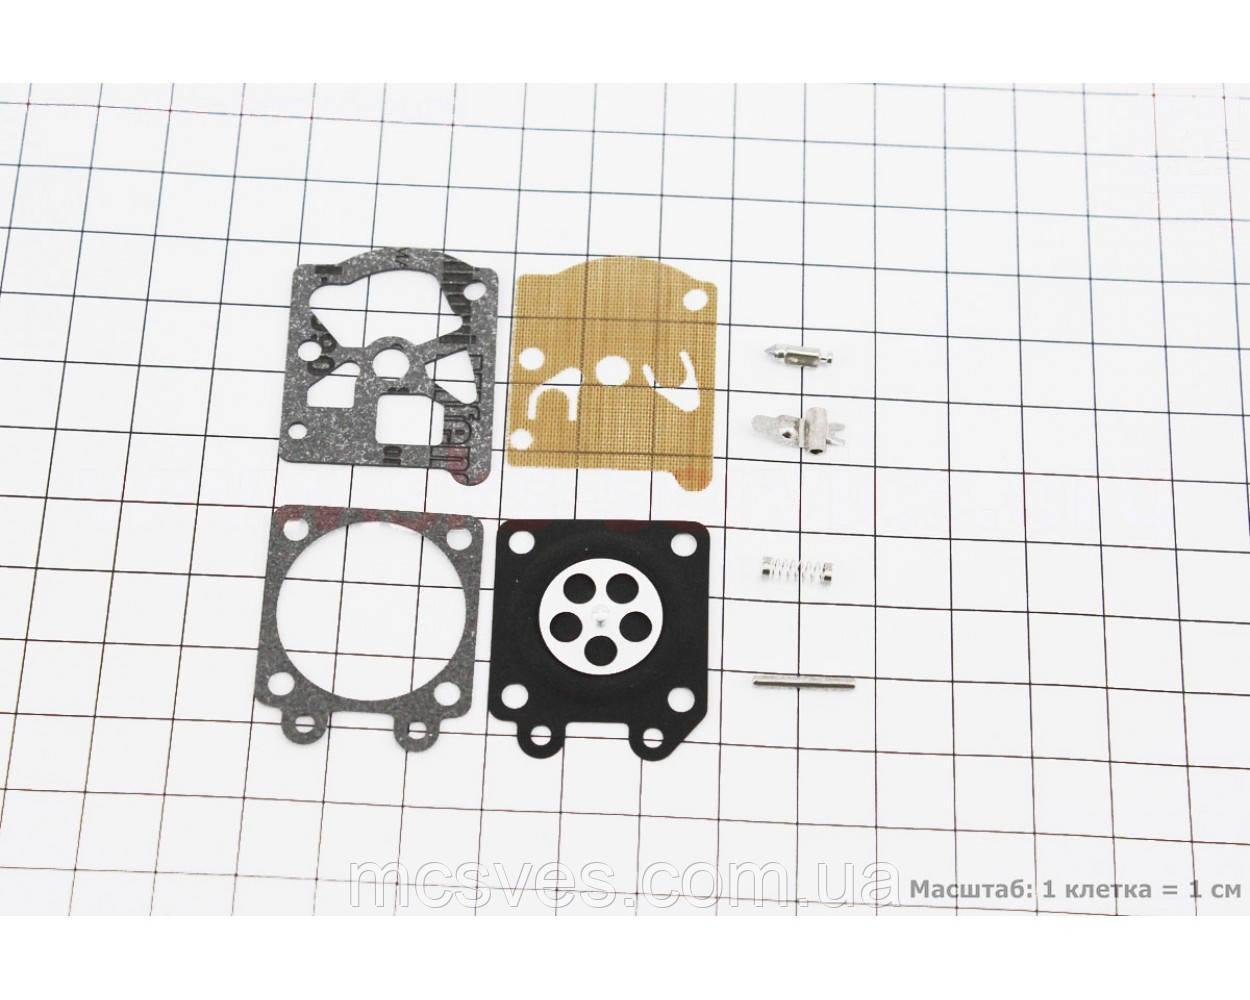 (Китай) Ремонтный комплект карбюратора, 8 деталей Partner-350/351/352/